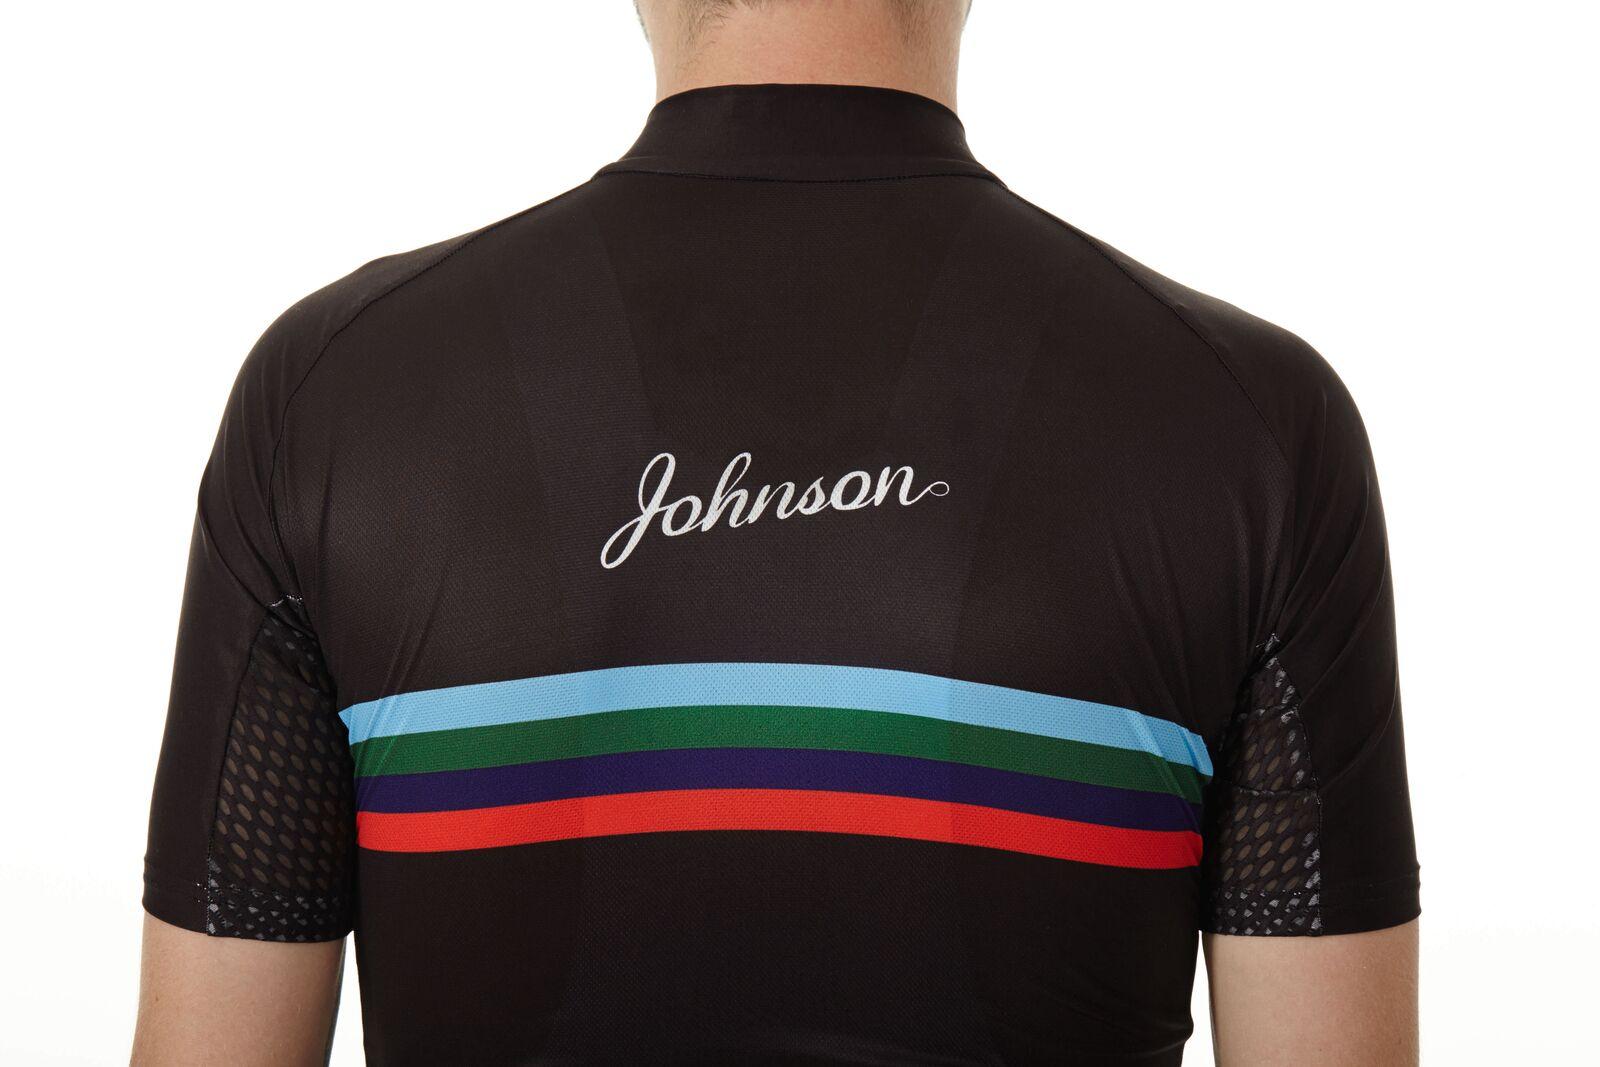 Johnson KIT 2 2016.jpg